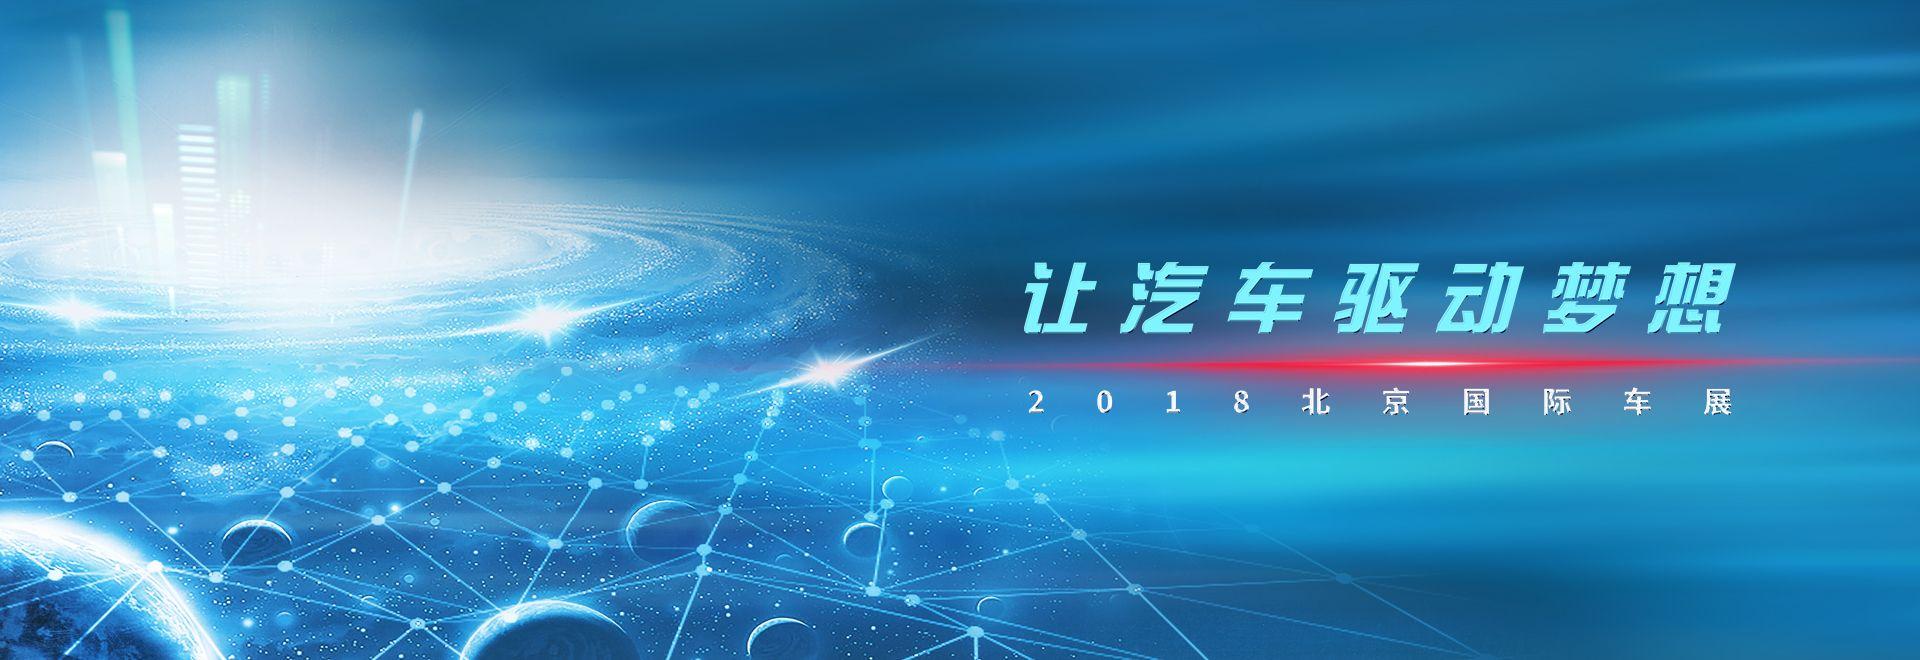 2018北京国际车展